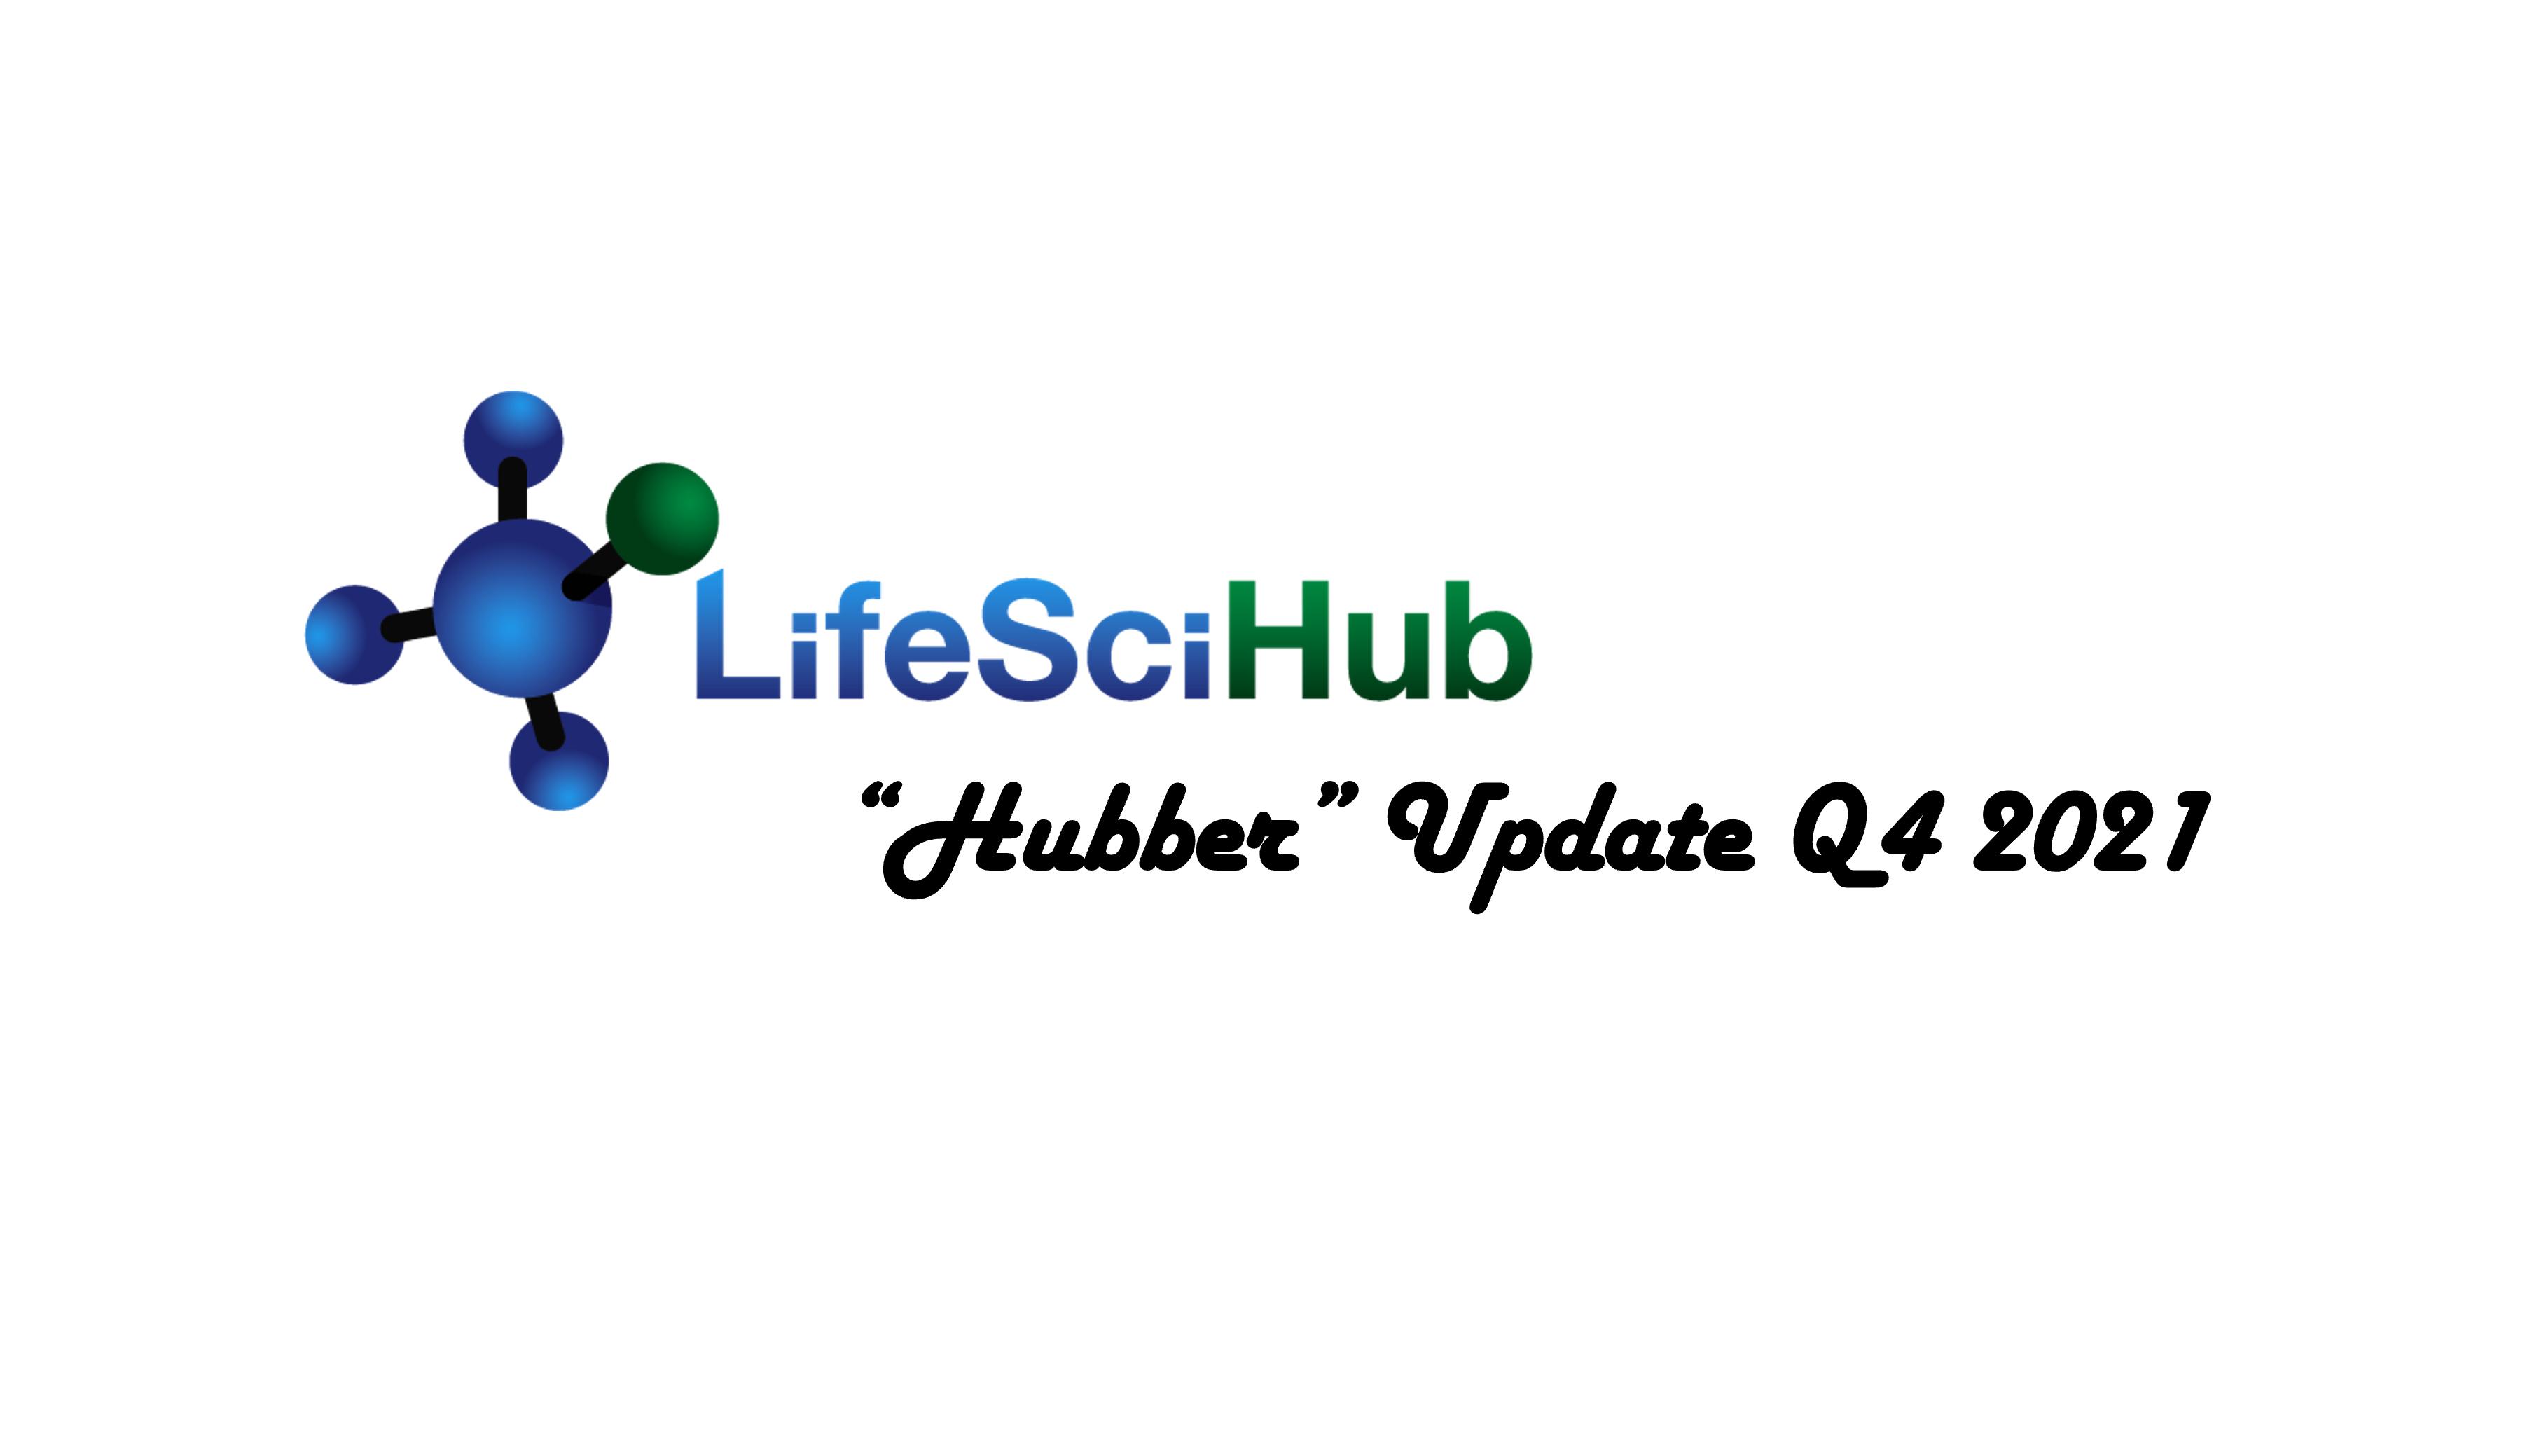 LifeSciHub Fireside Sept 27 2021: